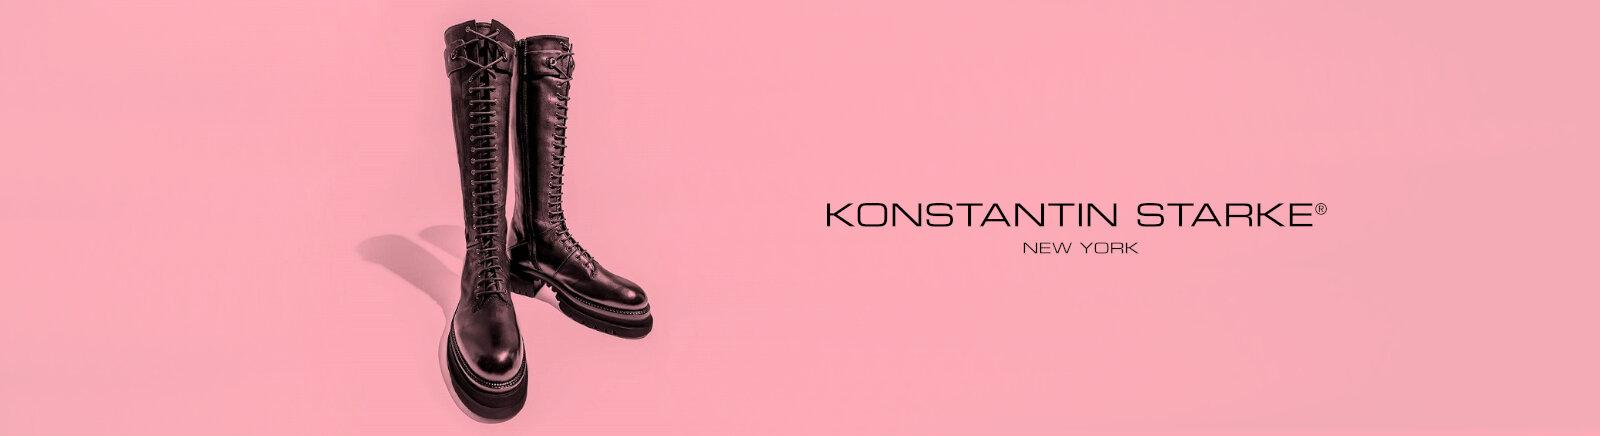 Prange: Konstantin Starke Combat Boots für Damen online shoppen